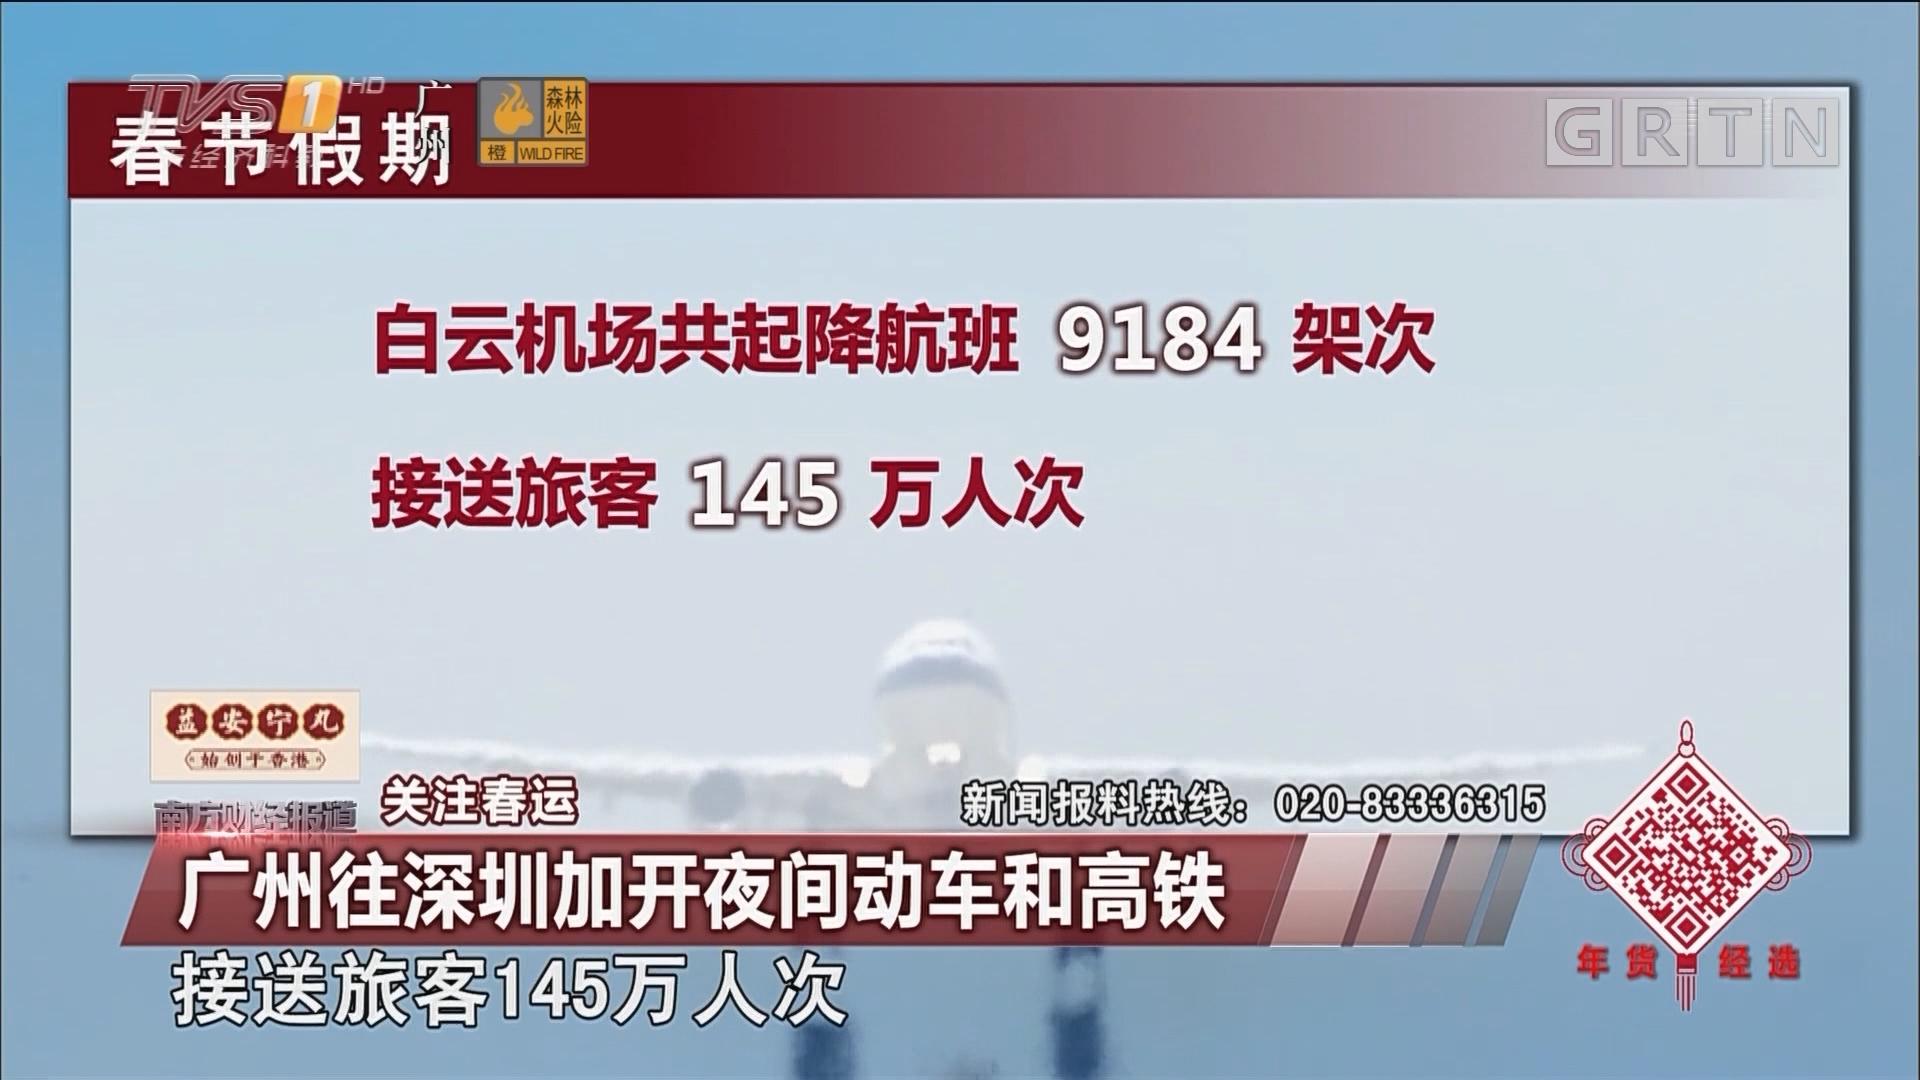 广州往深圳加开夜间动车和高铁